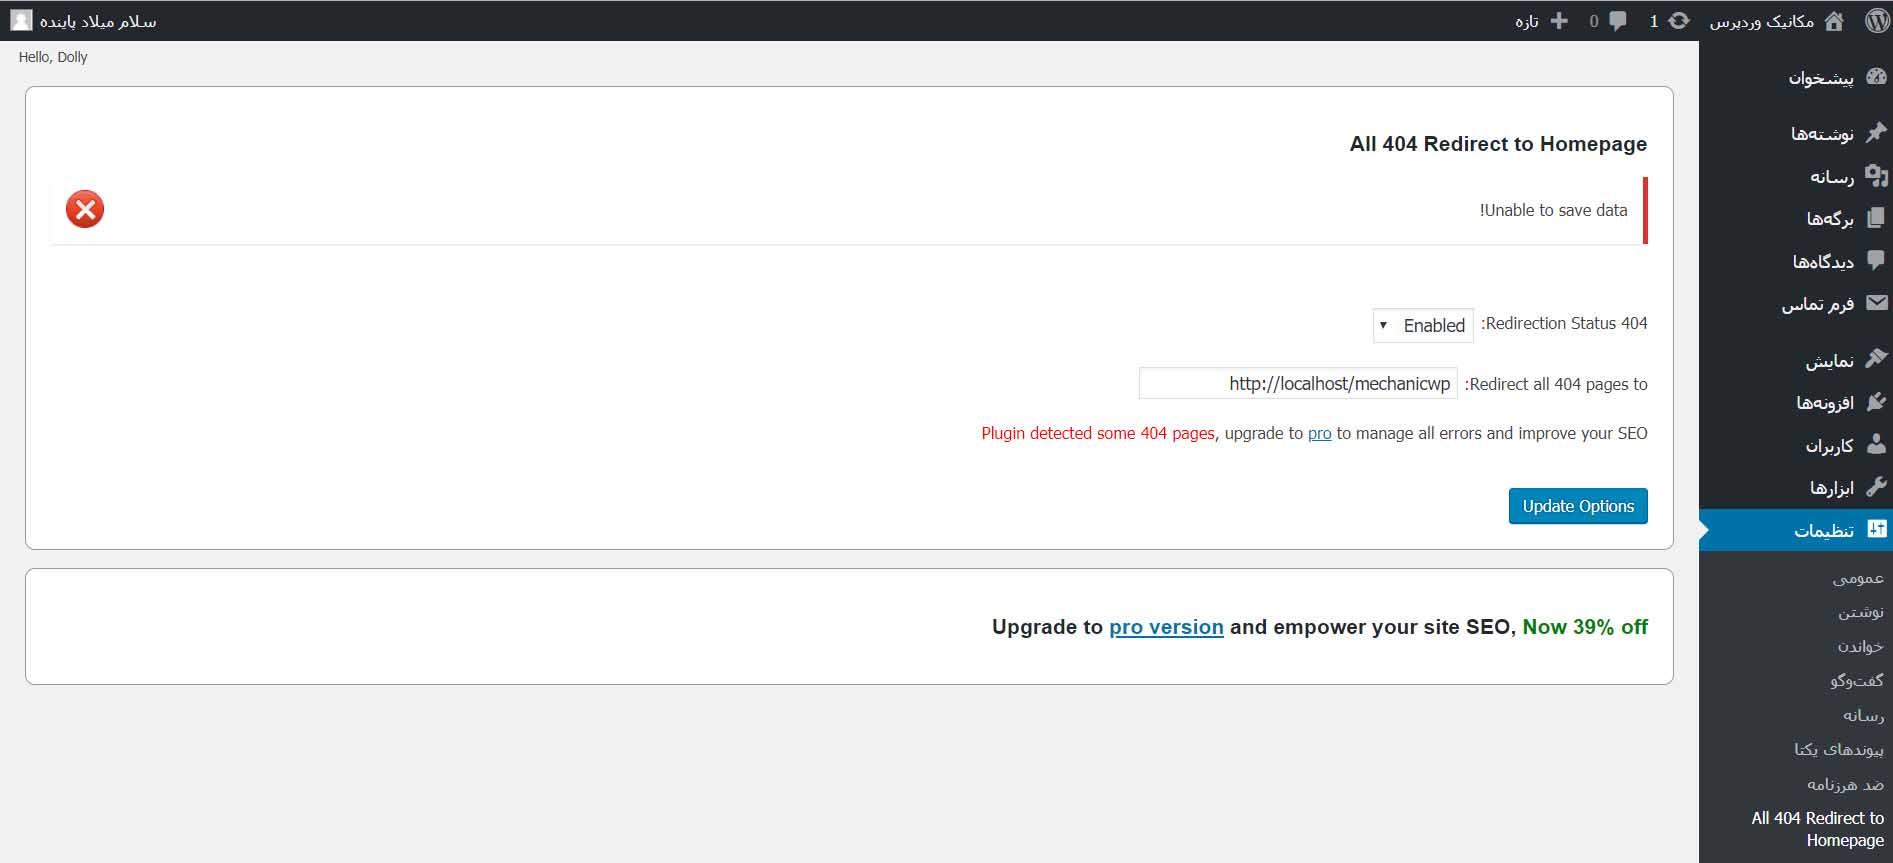 افزونه وردپرس All 404 Redirect to Homepage